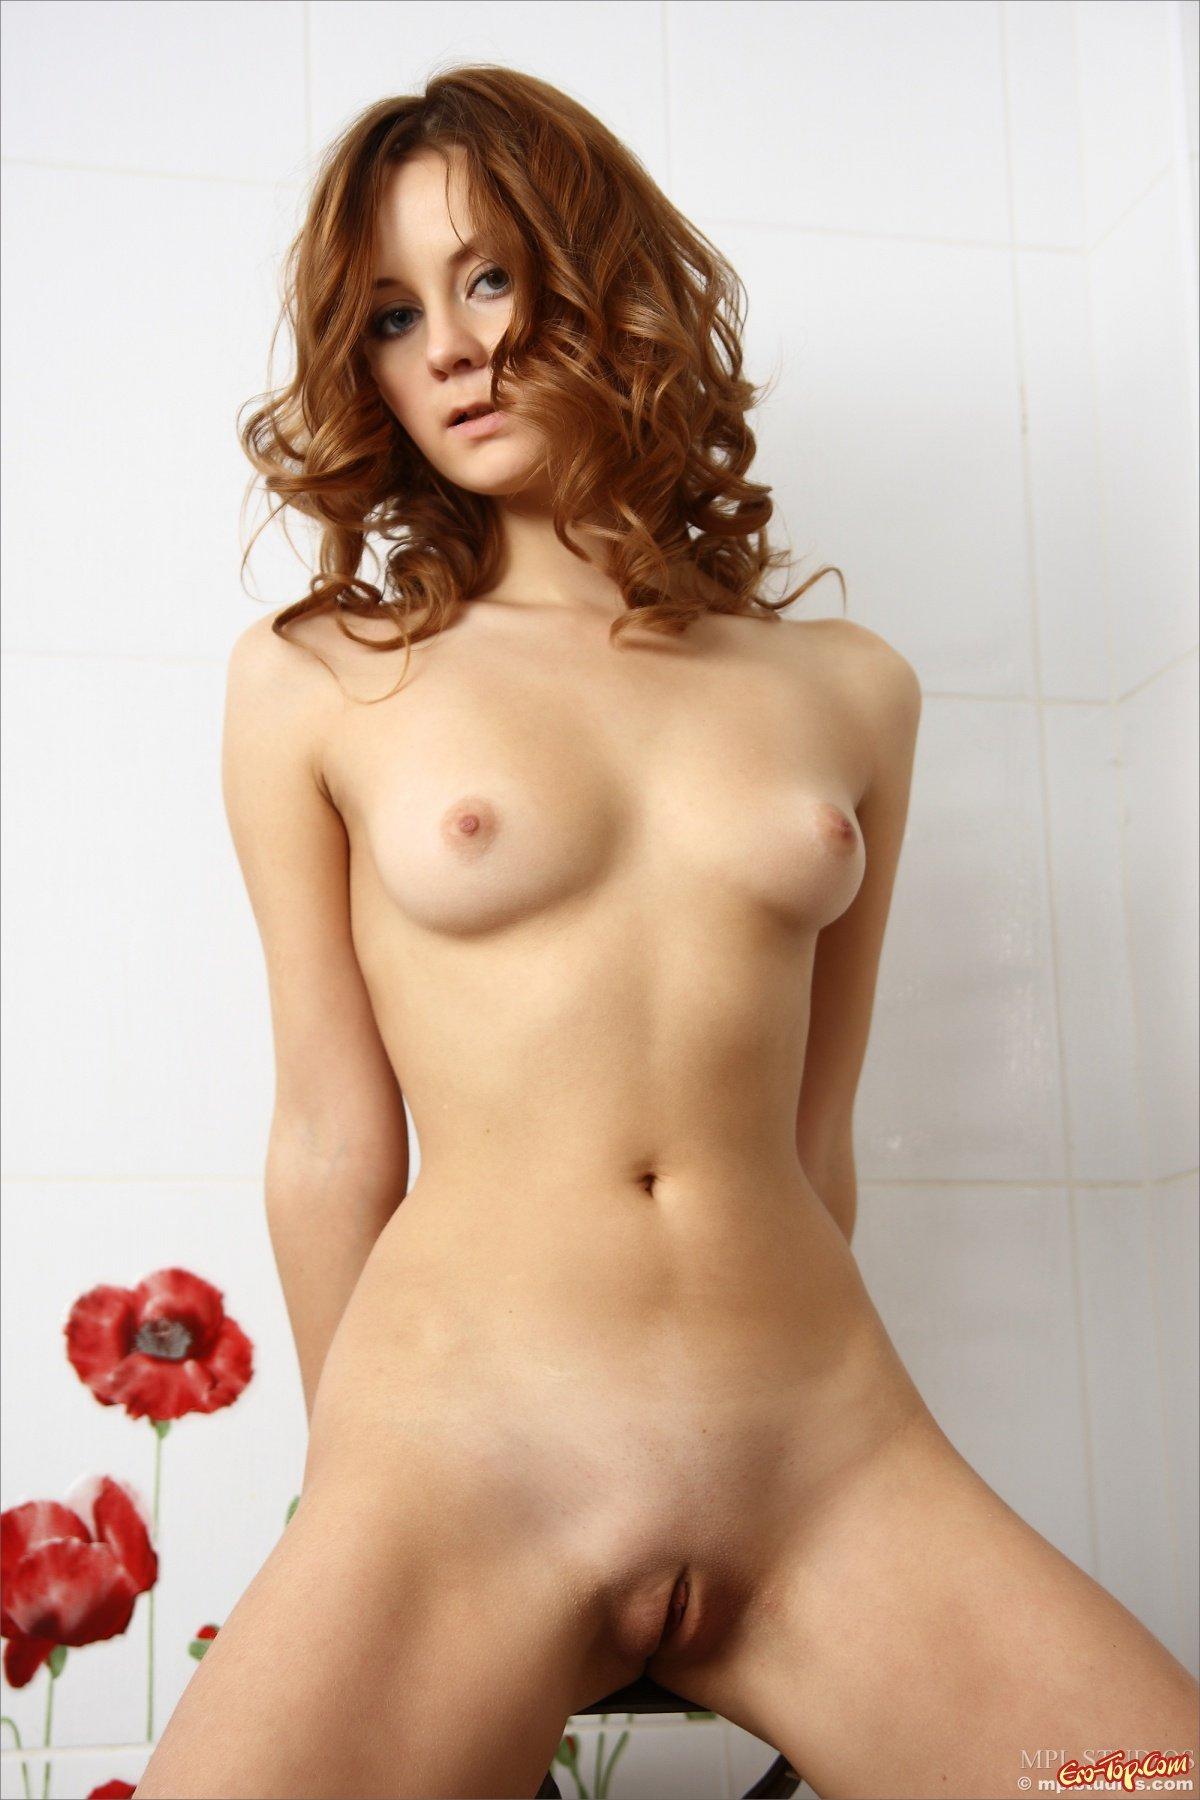 Обнаженная рыженькая девушка секс фото